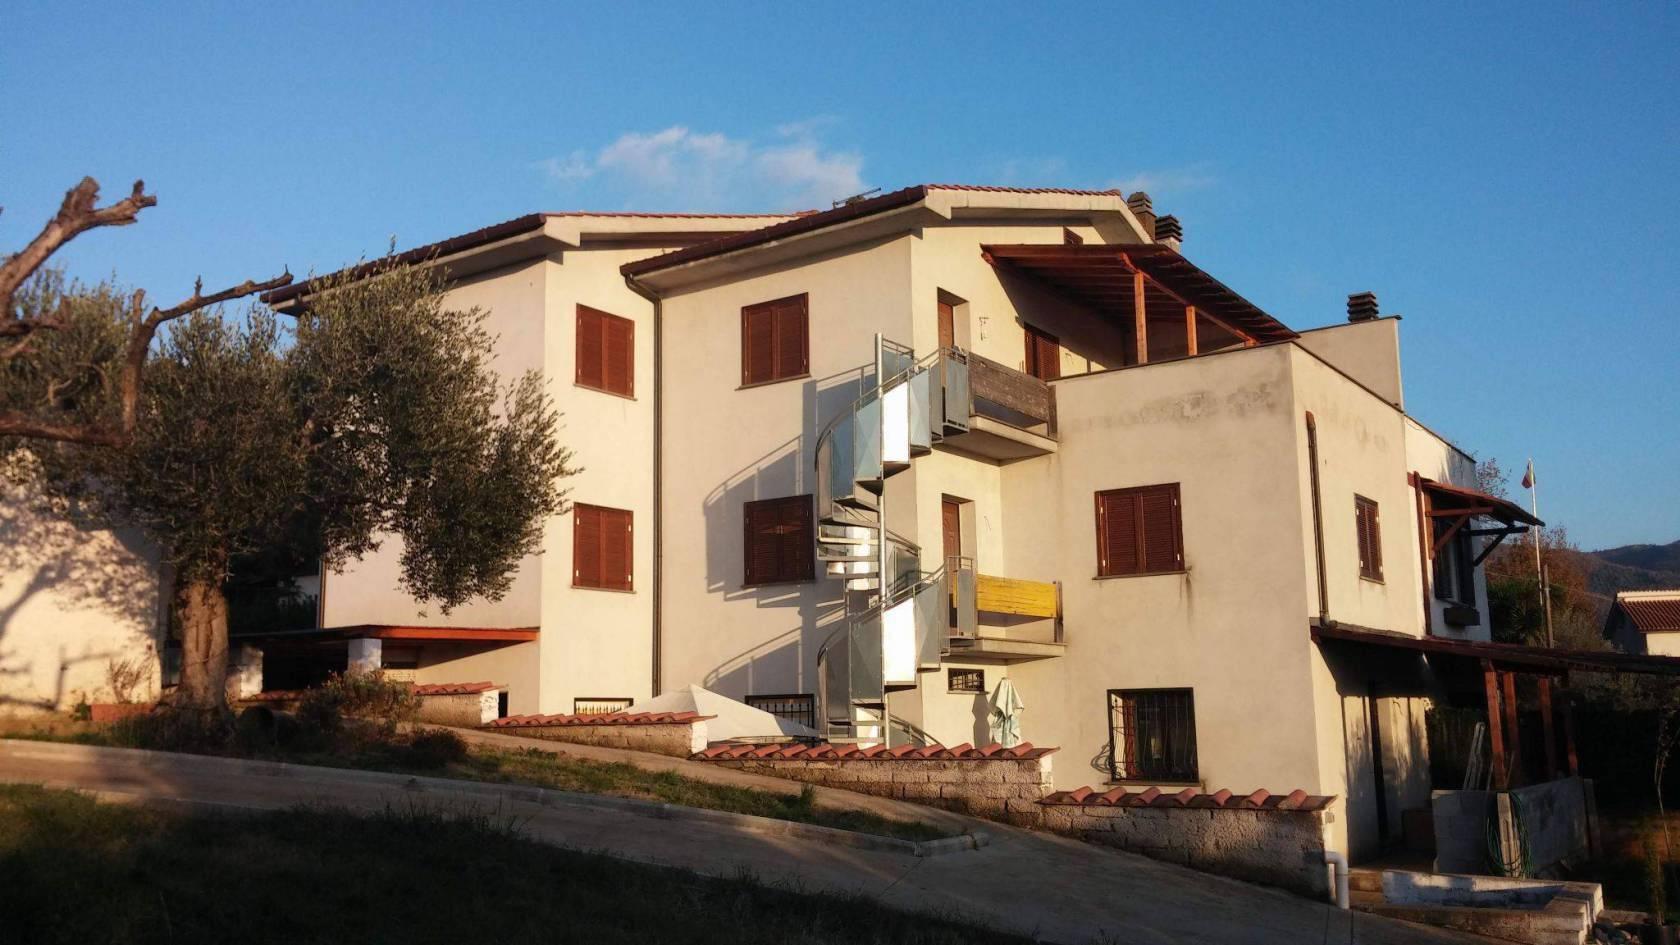 Villa in vendita a Poli, 8 locali, prezzo € 159.000 | CambioCasa.it